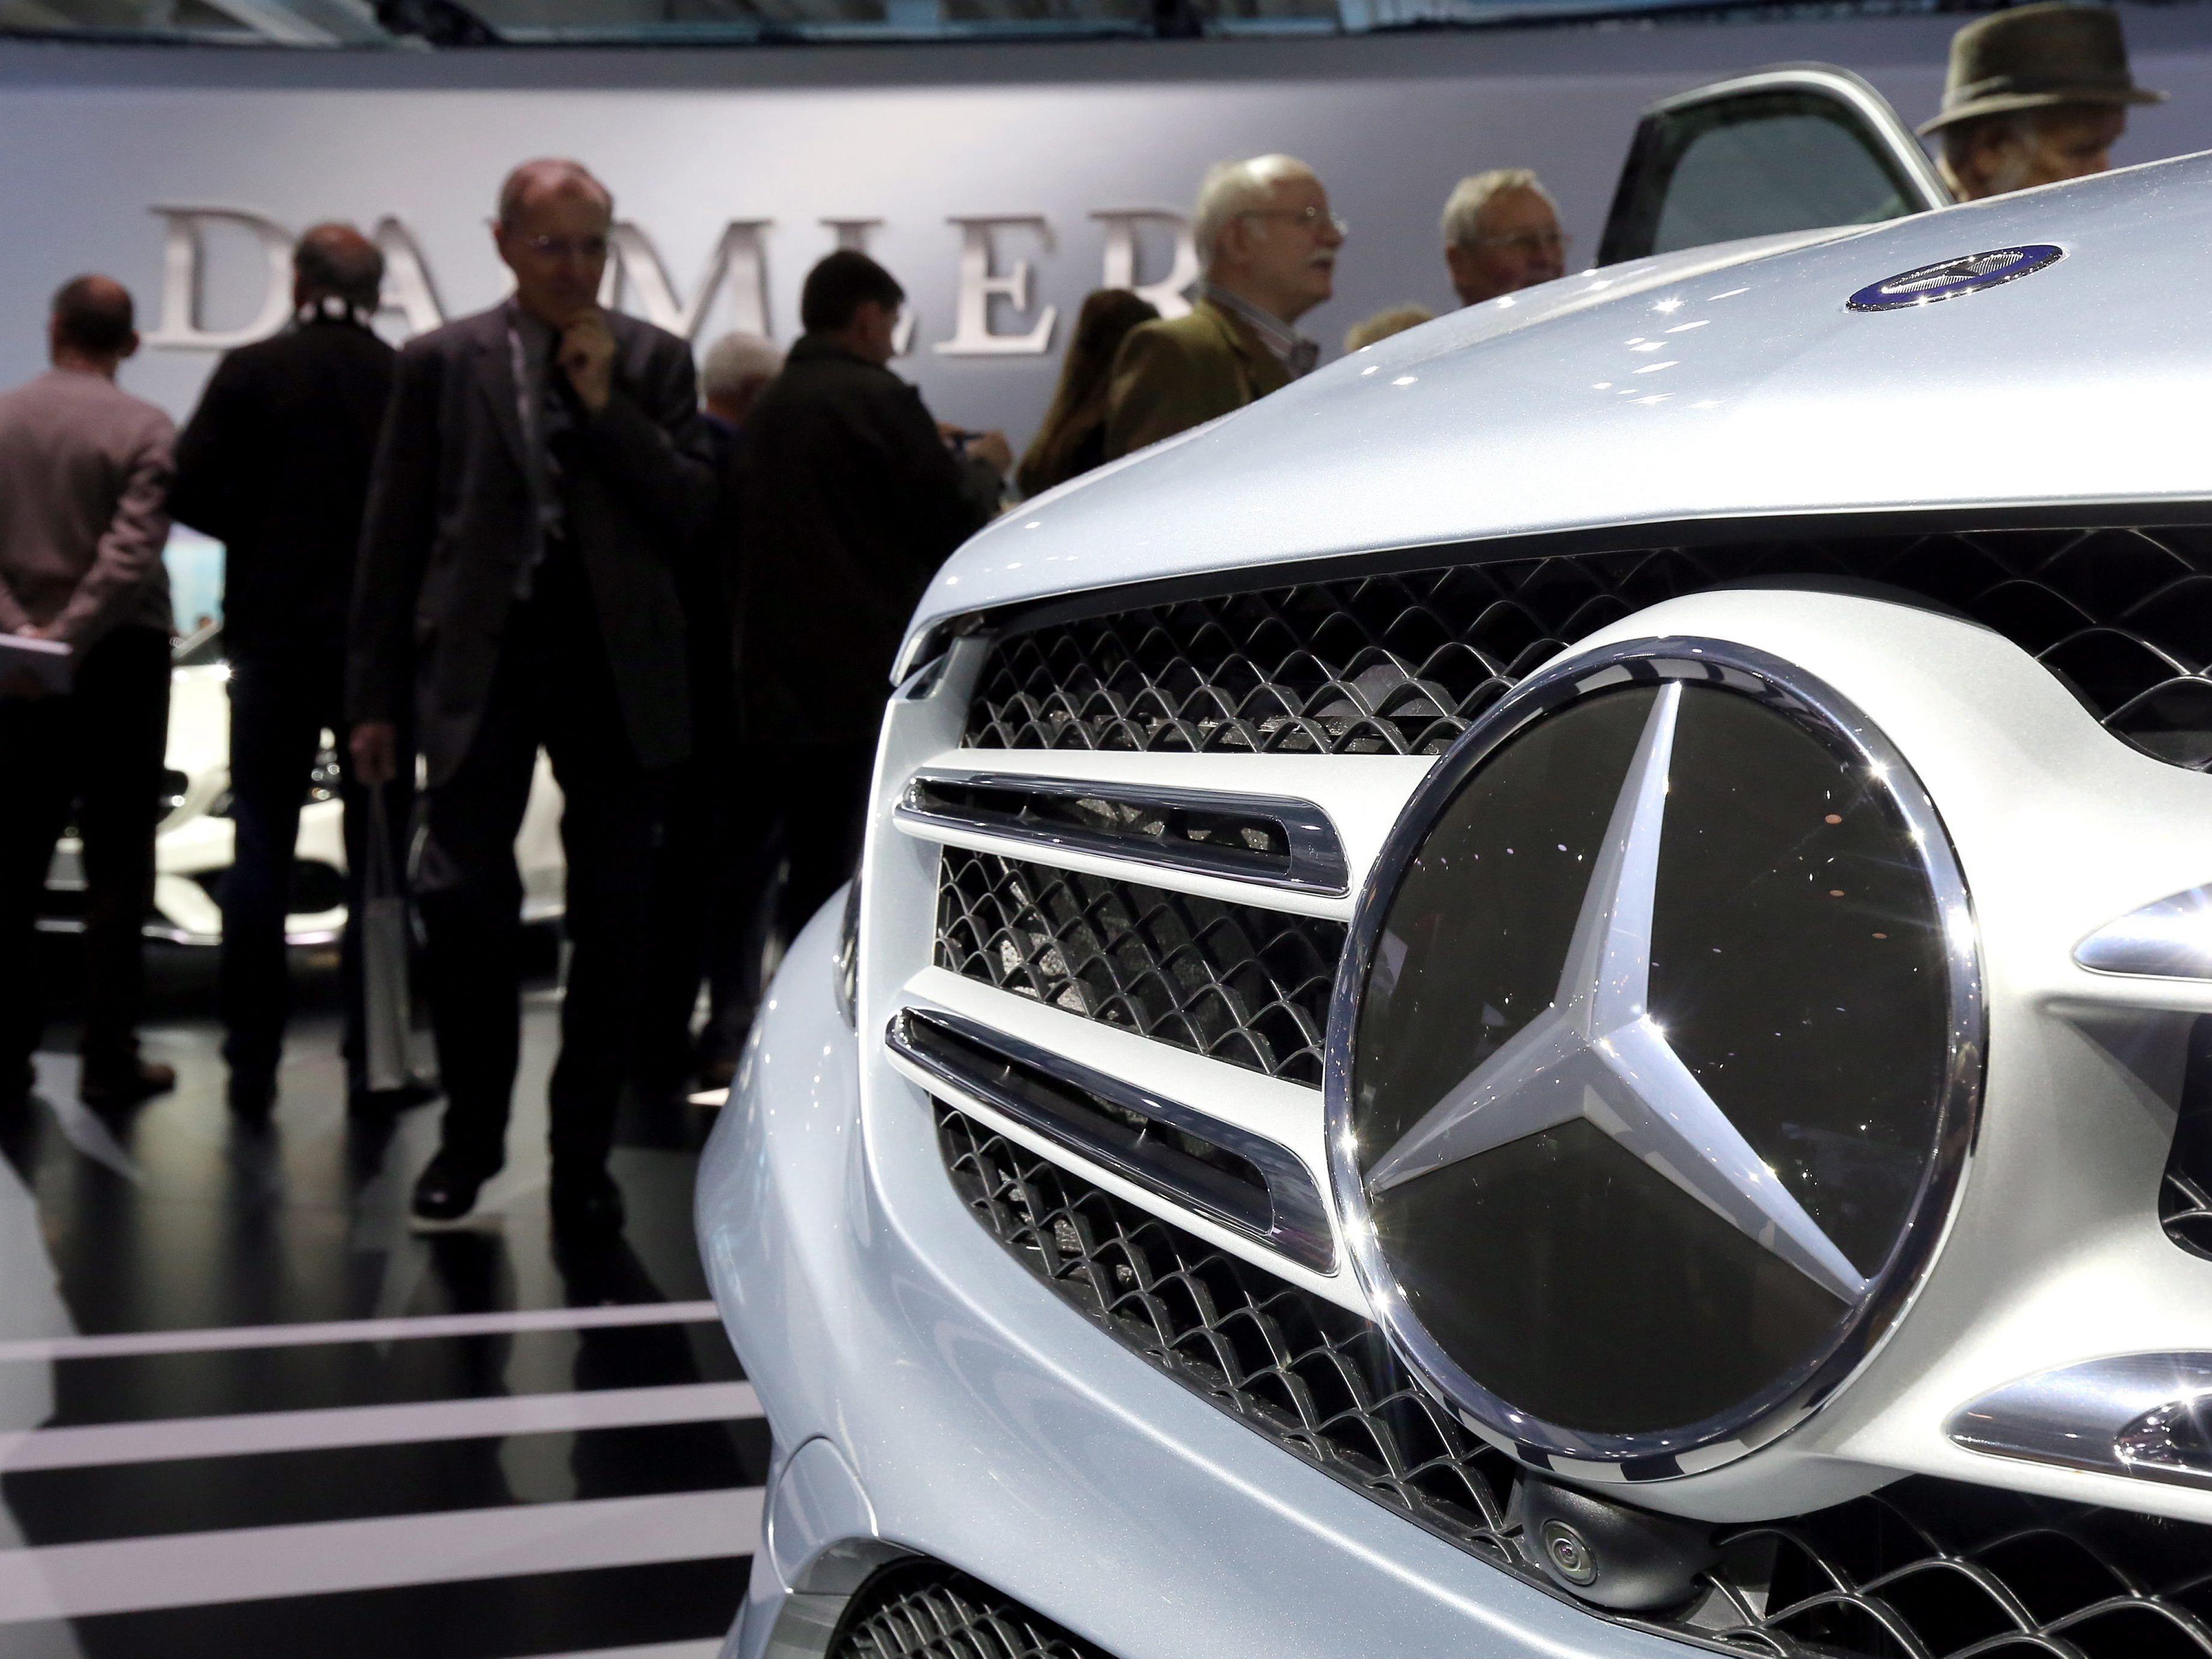 Sprecherin des Autobauers: Kontinuierlicher Anstieg bei Zahl älterer Experten.